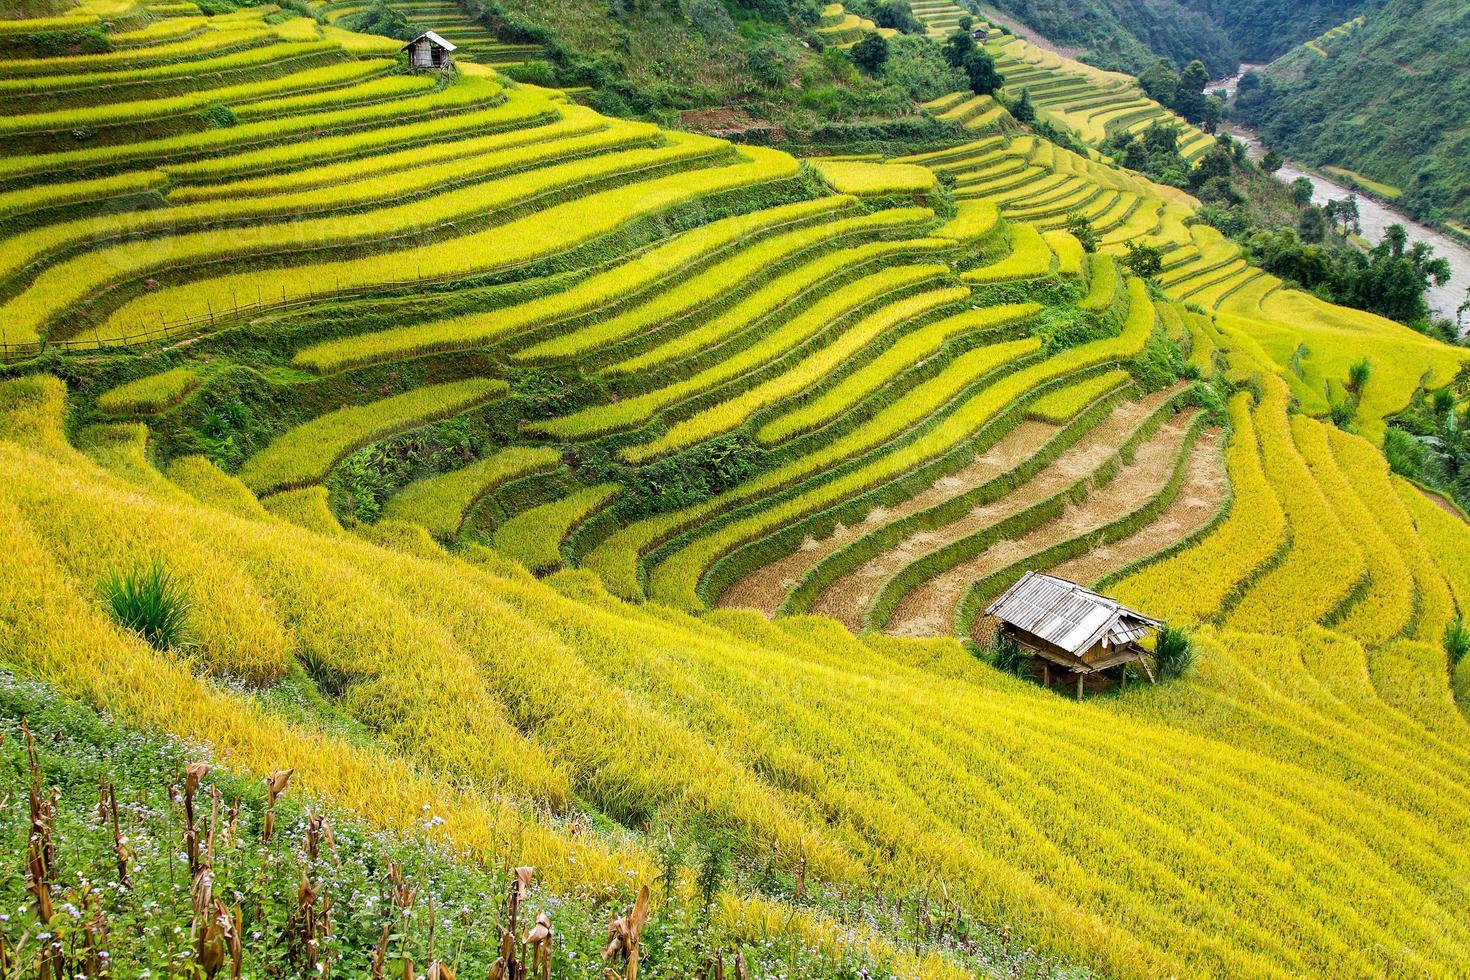 campi a terrazze nella regione montuosa settentrionale del Vietnam foto